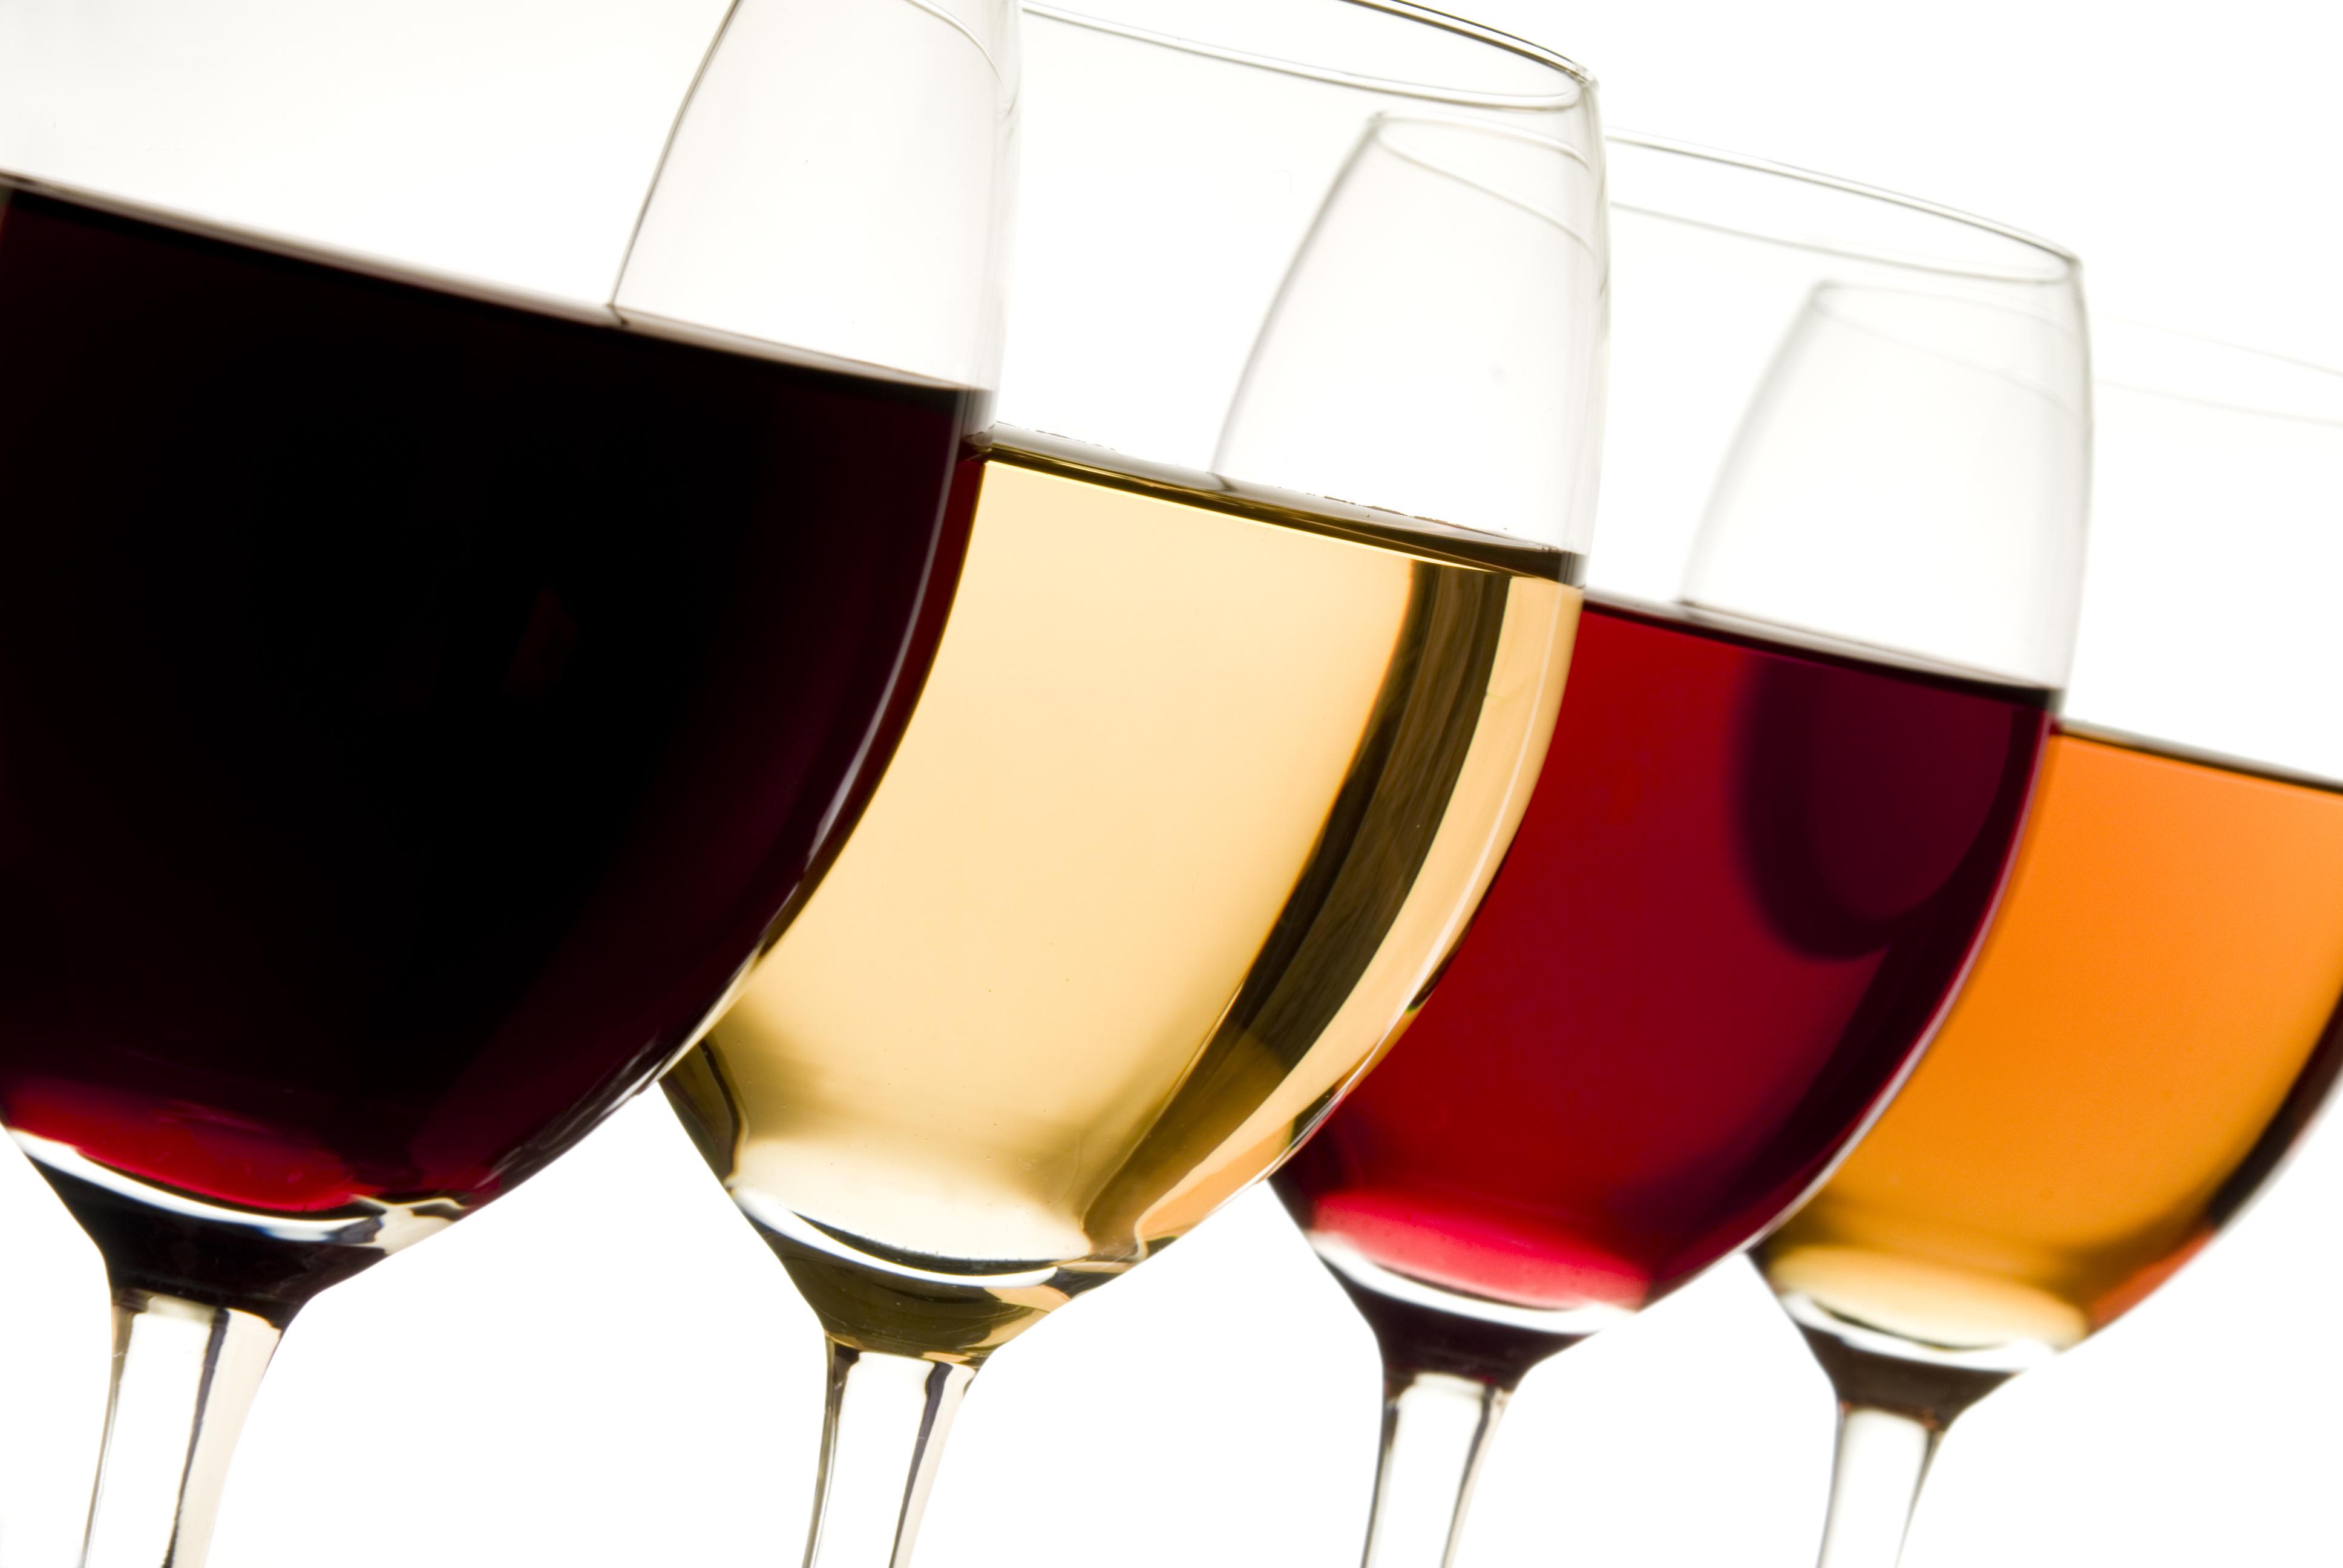 el tipo de vino: